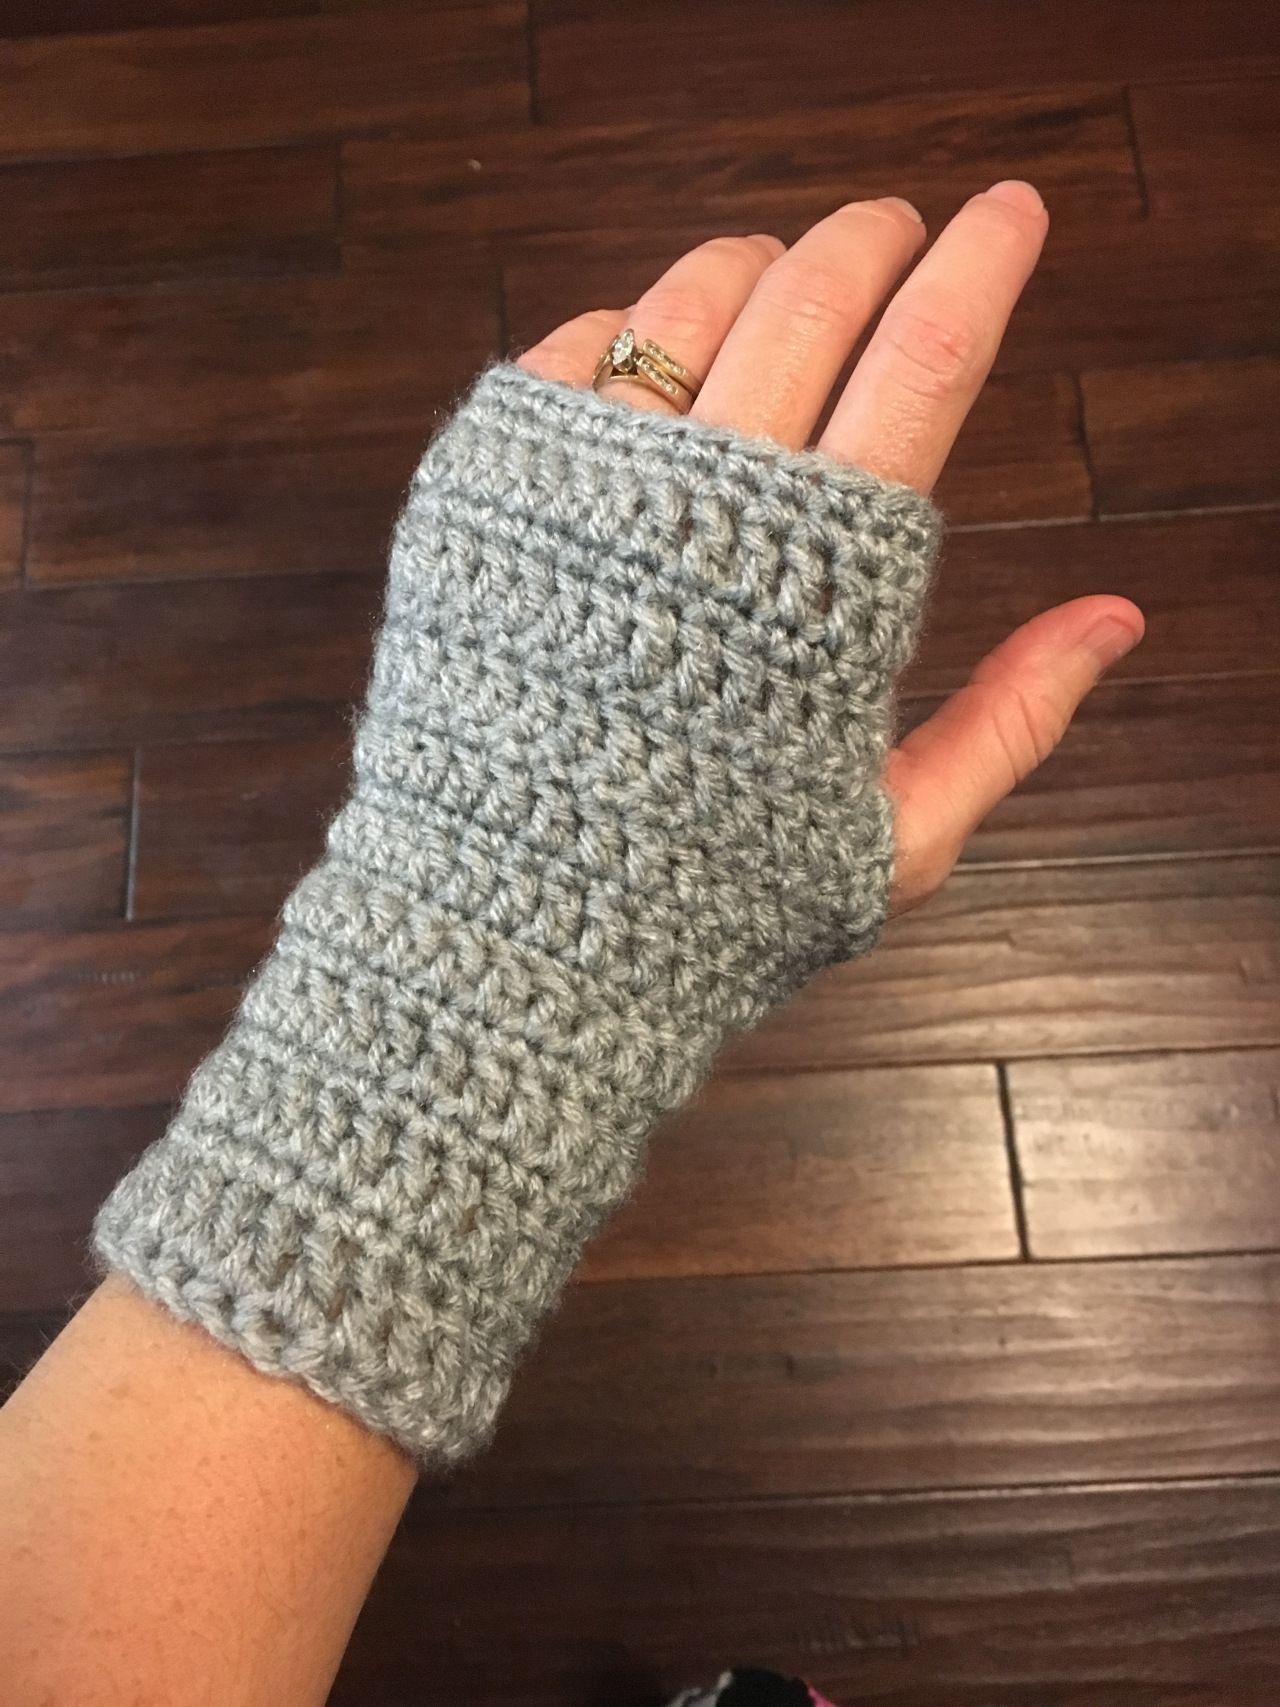 Simple Crochet Wrist Warmers